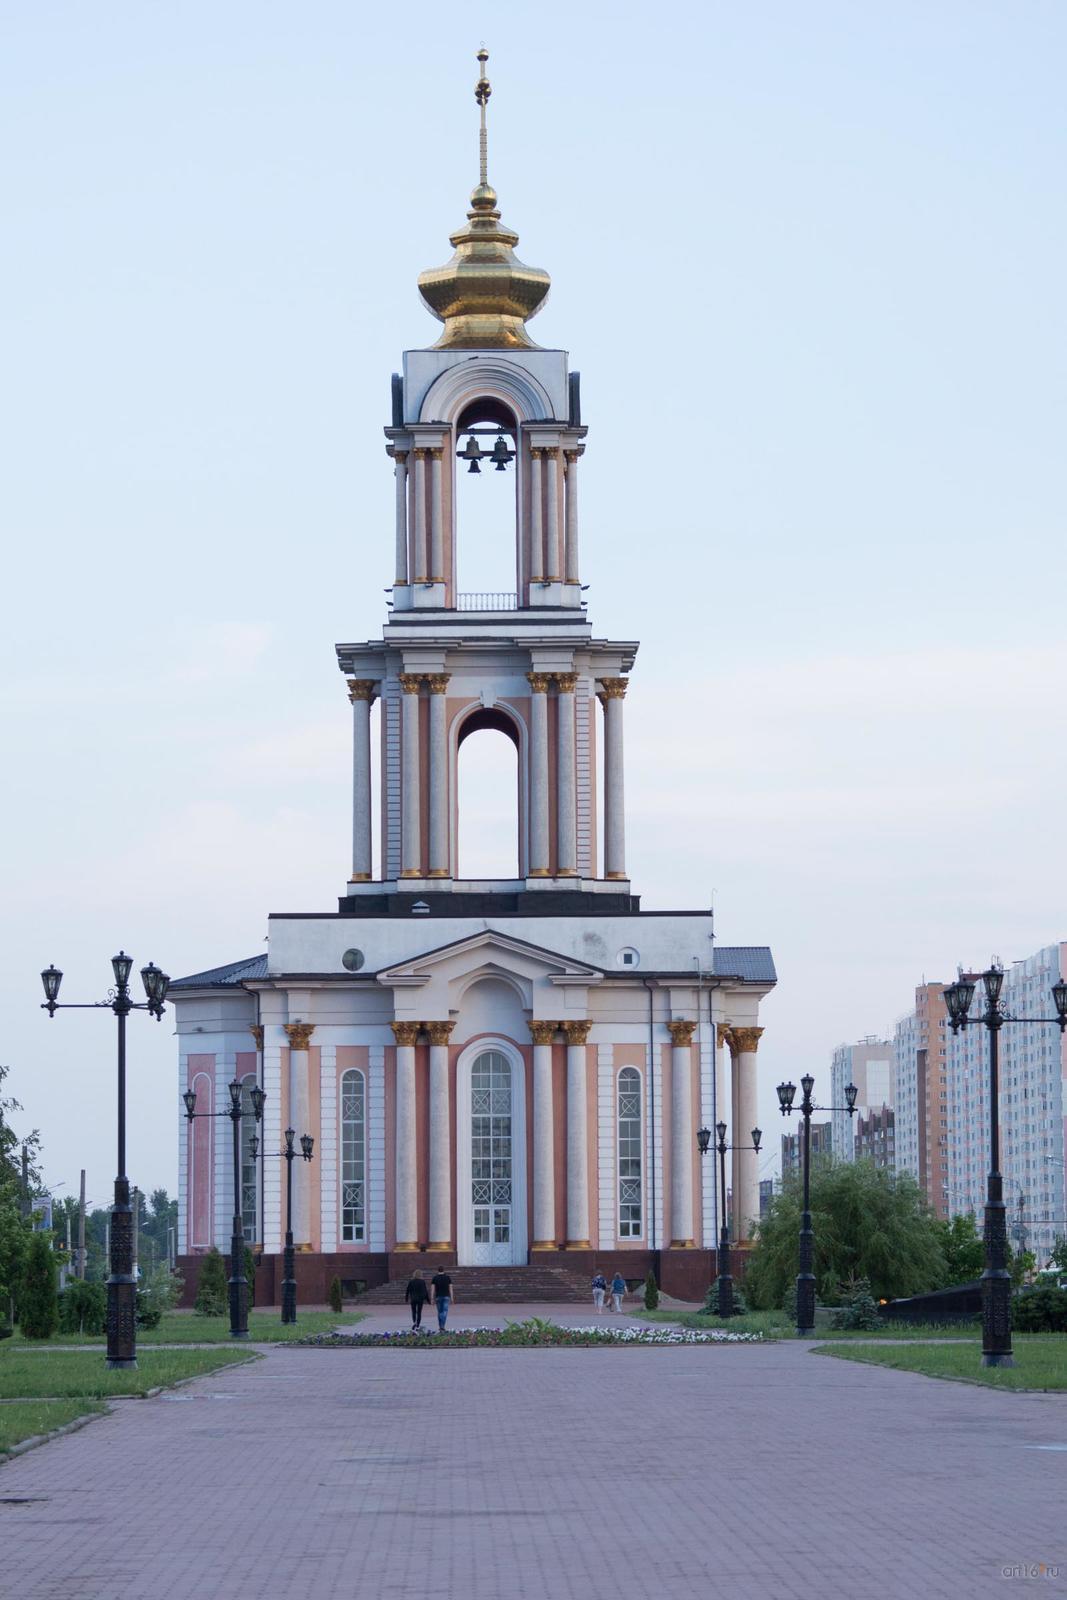 Фото №828975. Трёхъярусный храм-колокольня святого Георгия Победоносца